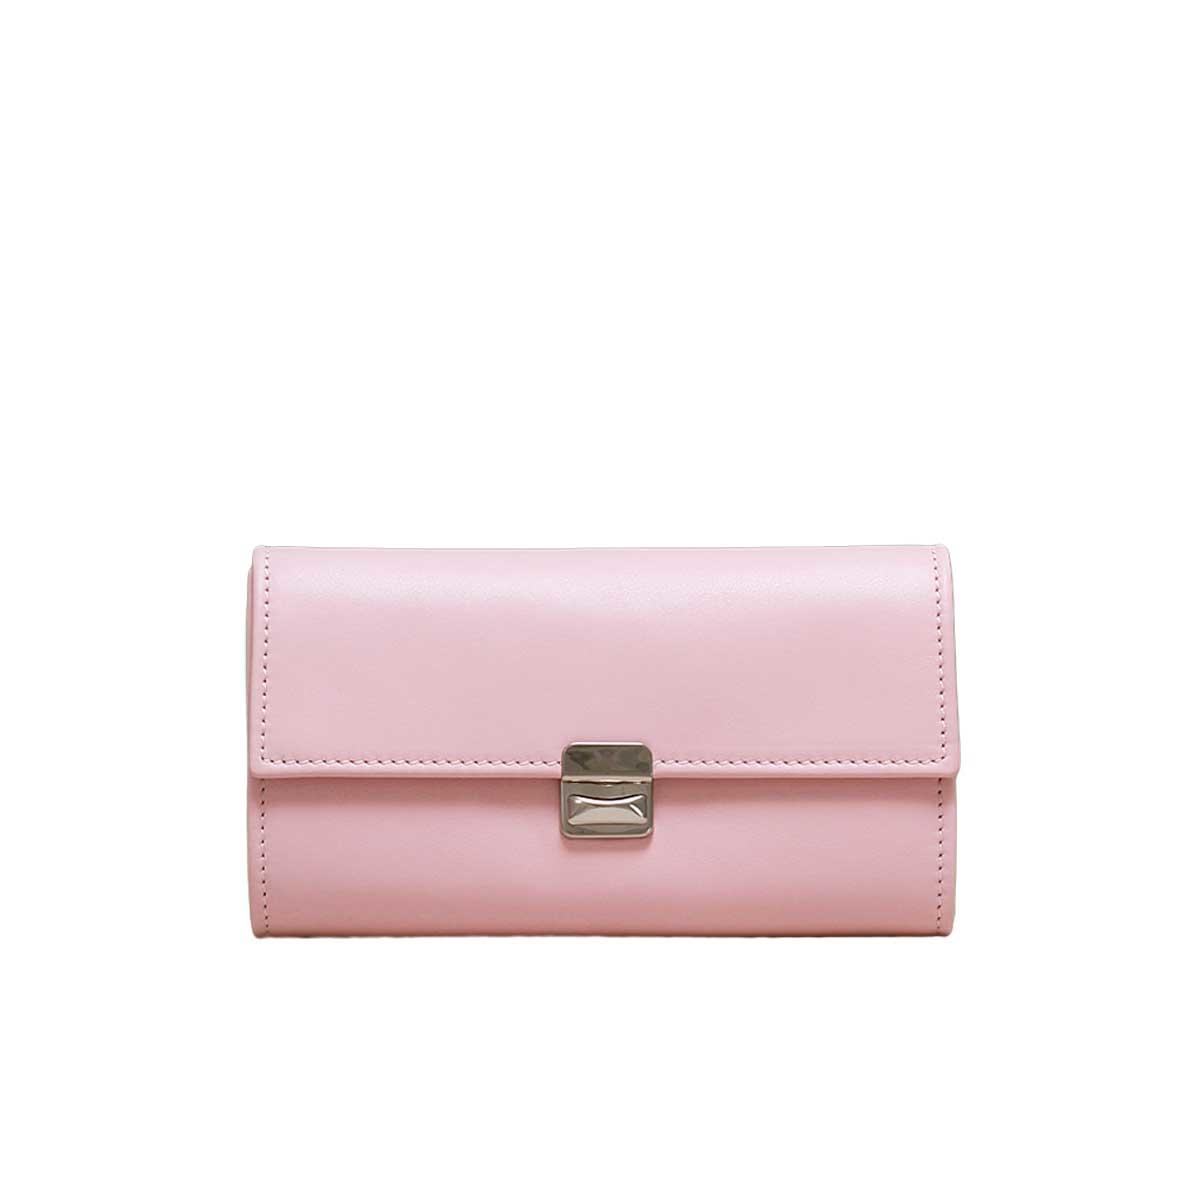 rosa portemonnaies leder elfenklang laerge